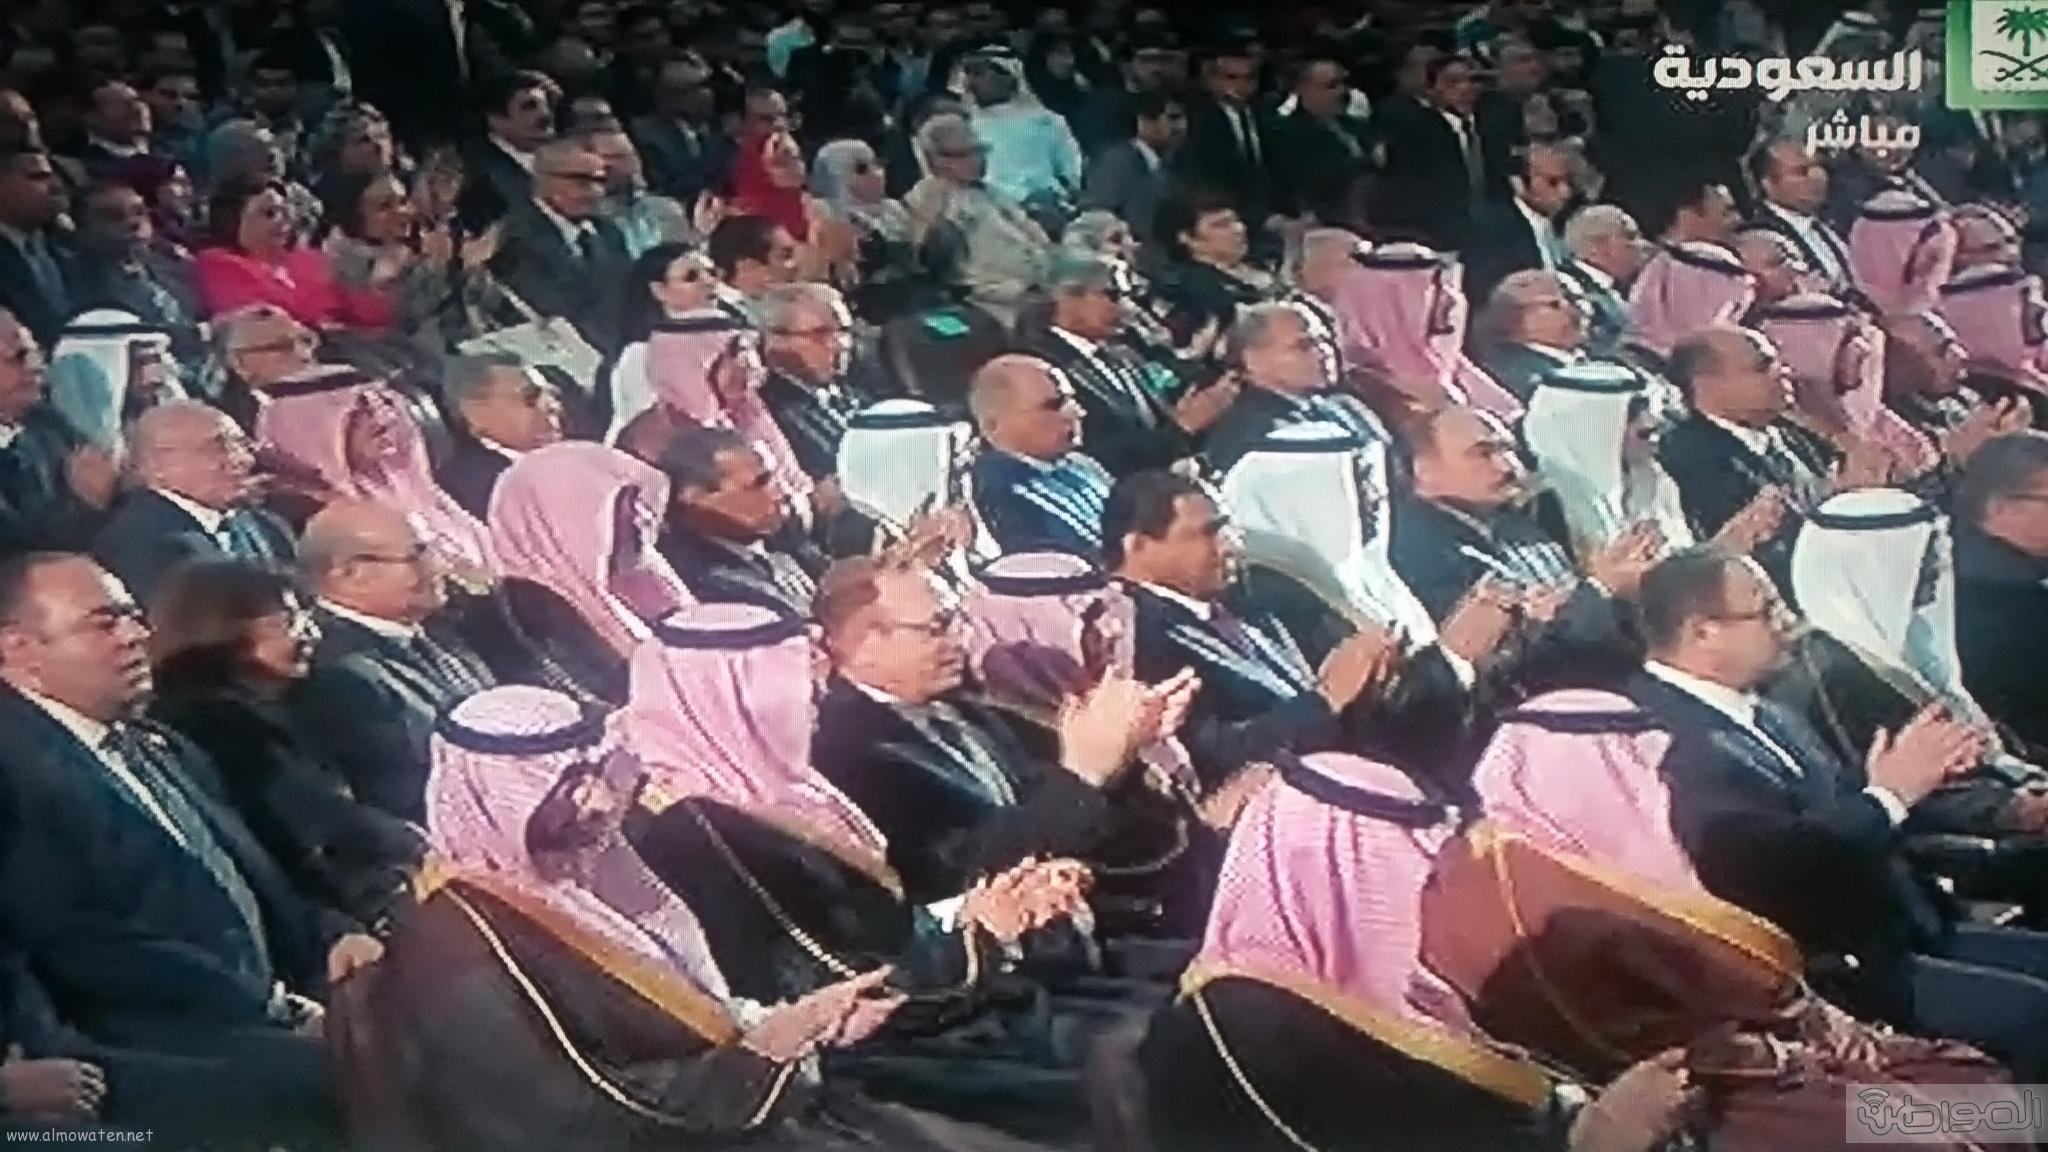 وصول الملك سلمان لجامعة القاهرة (4)